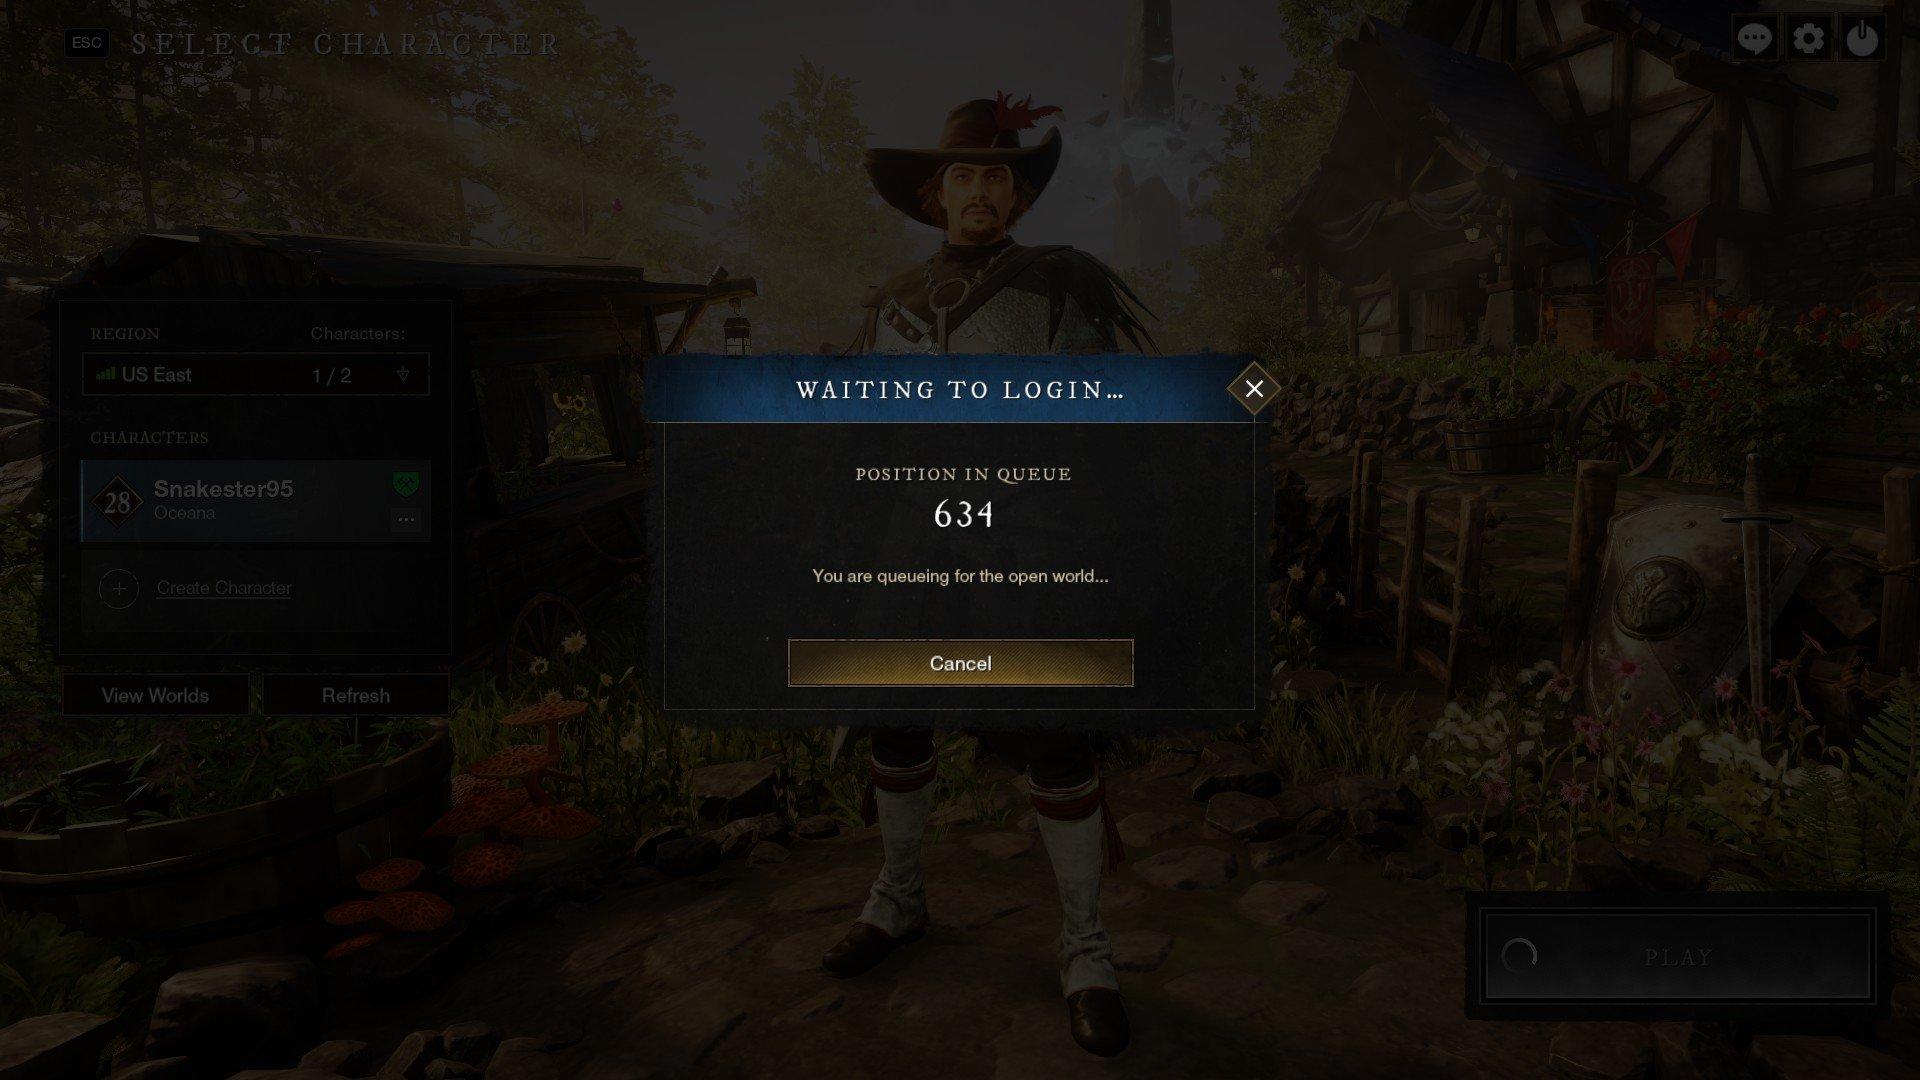 New World - Queue Position Screenshot